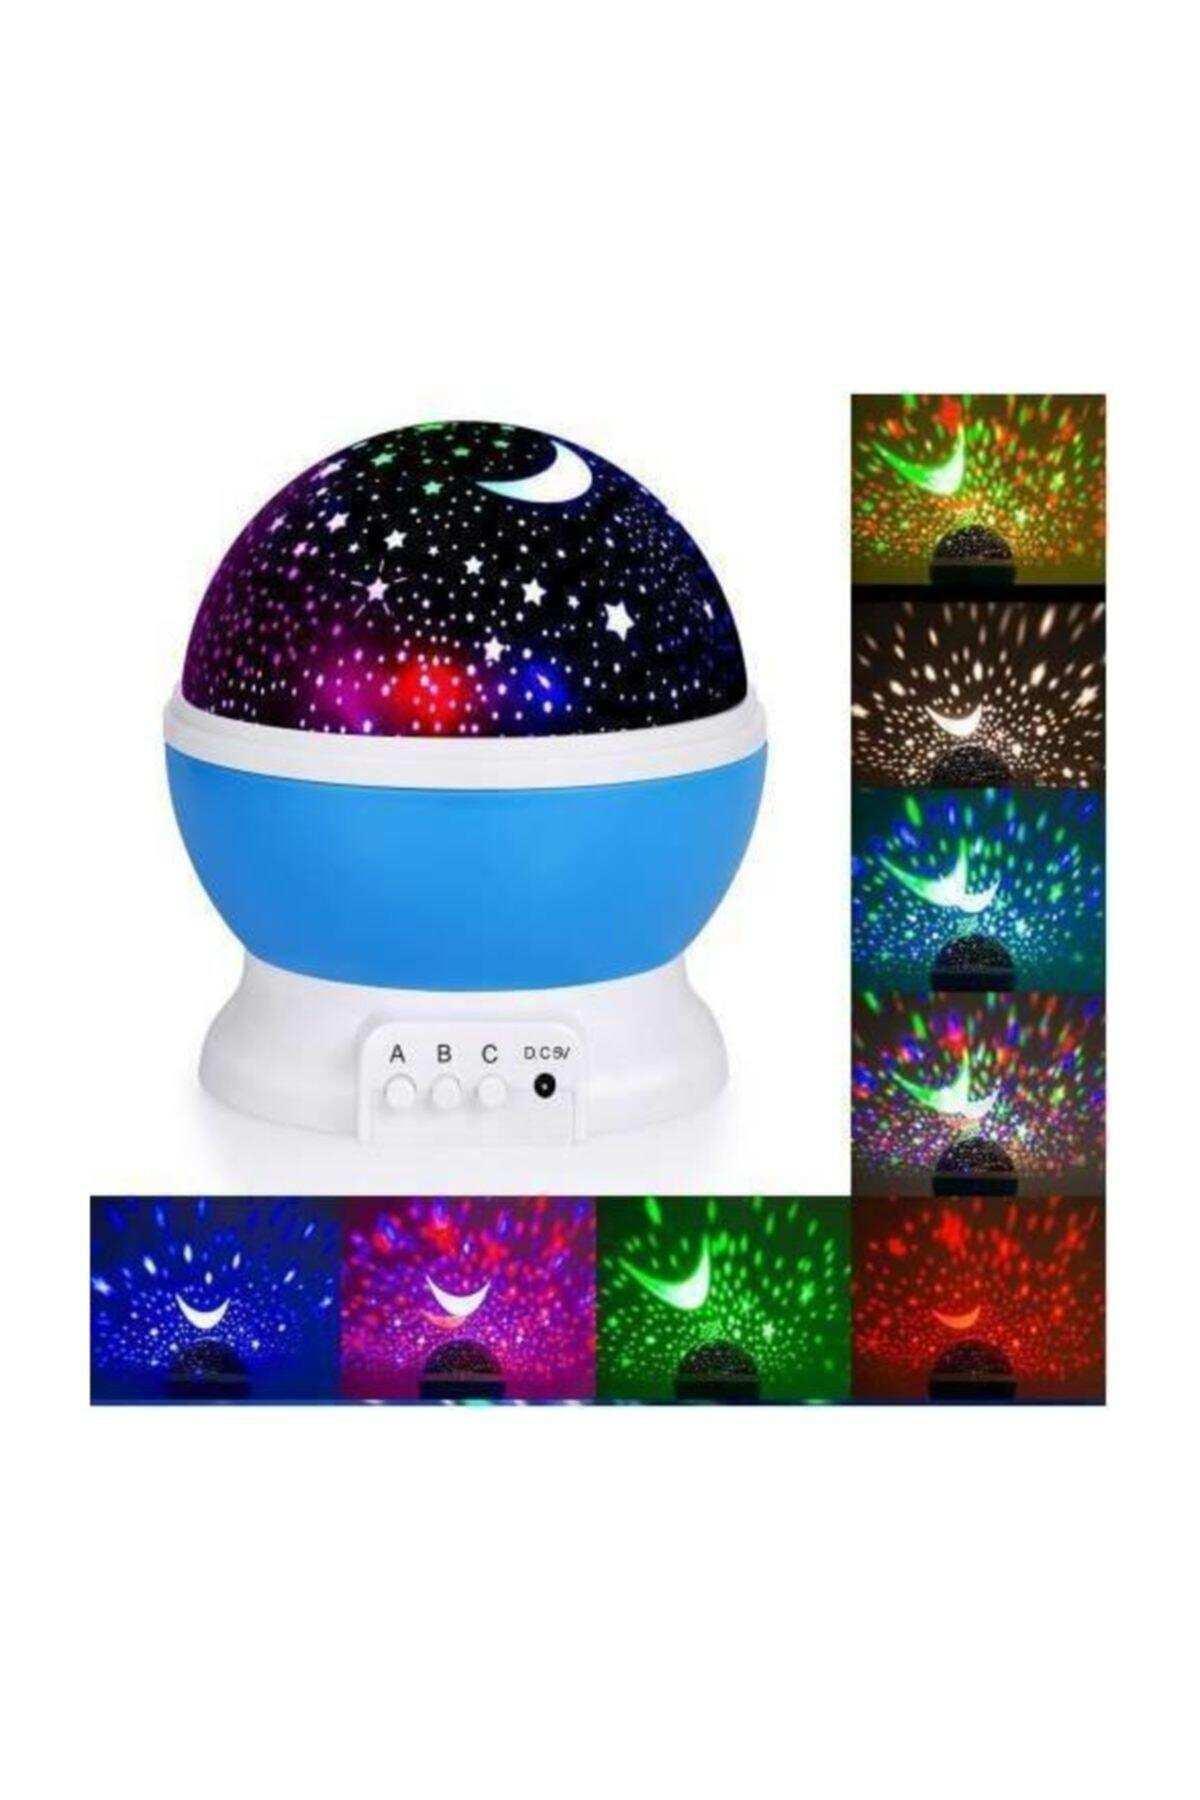 Renkli Yıldızlı Gökyüzü Projeksiyon Gece Lambası Masa Lambası Gökyüzü Ay Yıldız Lamba